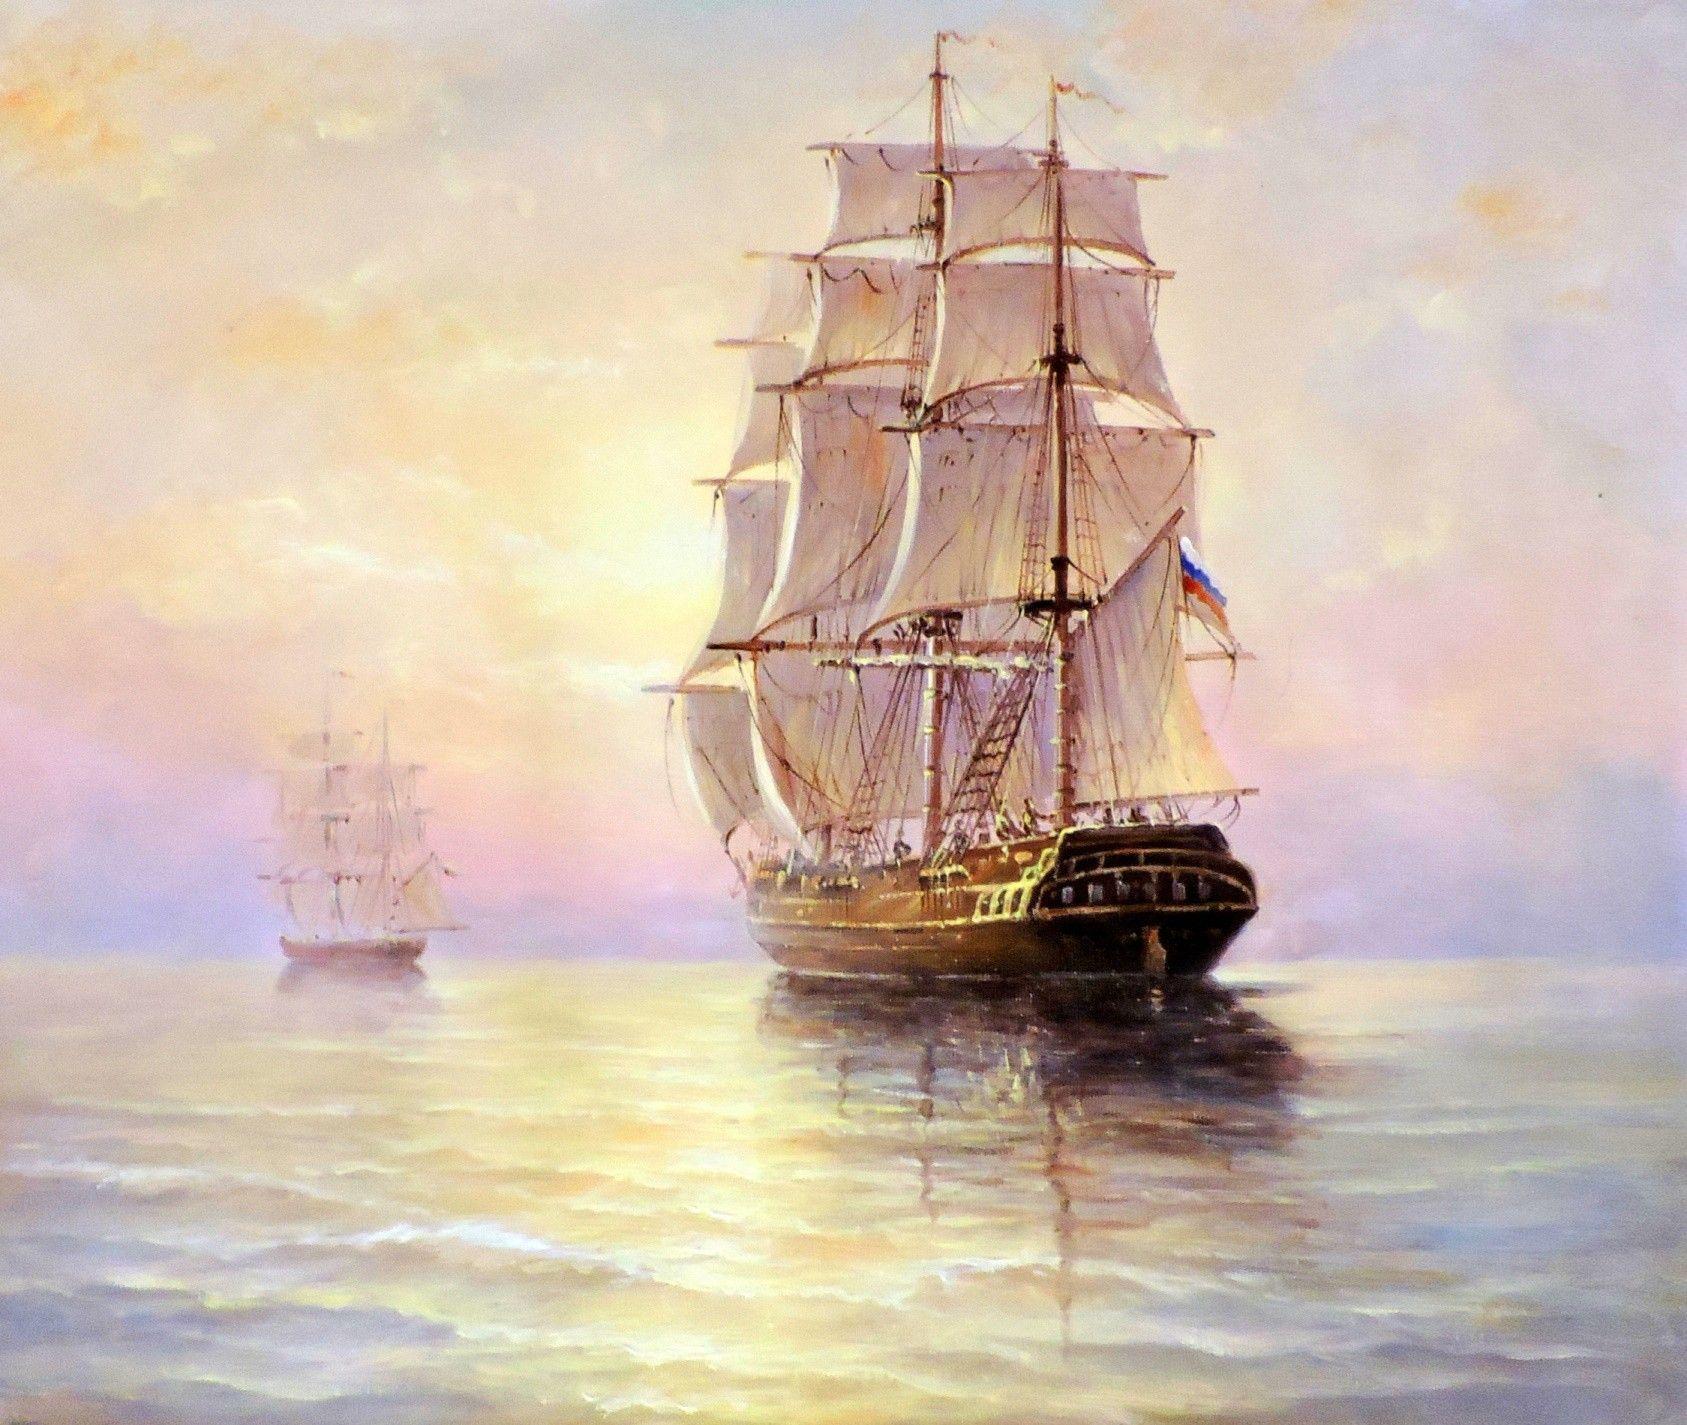 этом корабли в картинах современных художников смотреть онлайн вынуждена